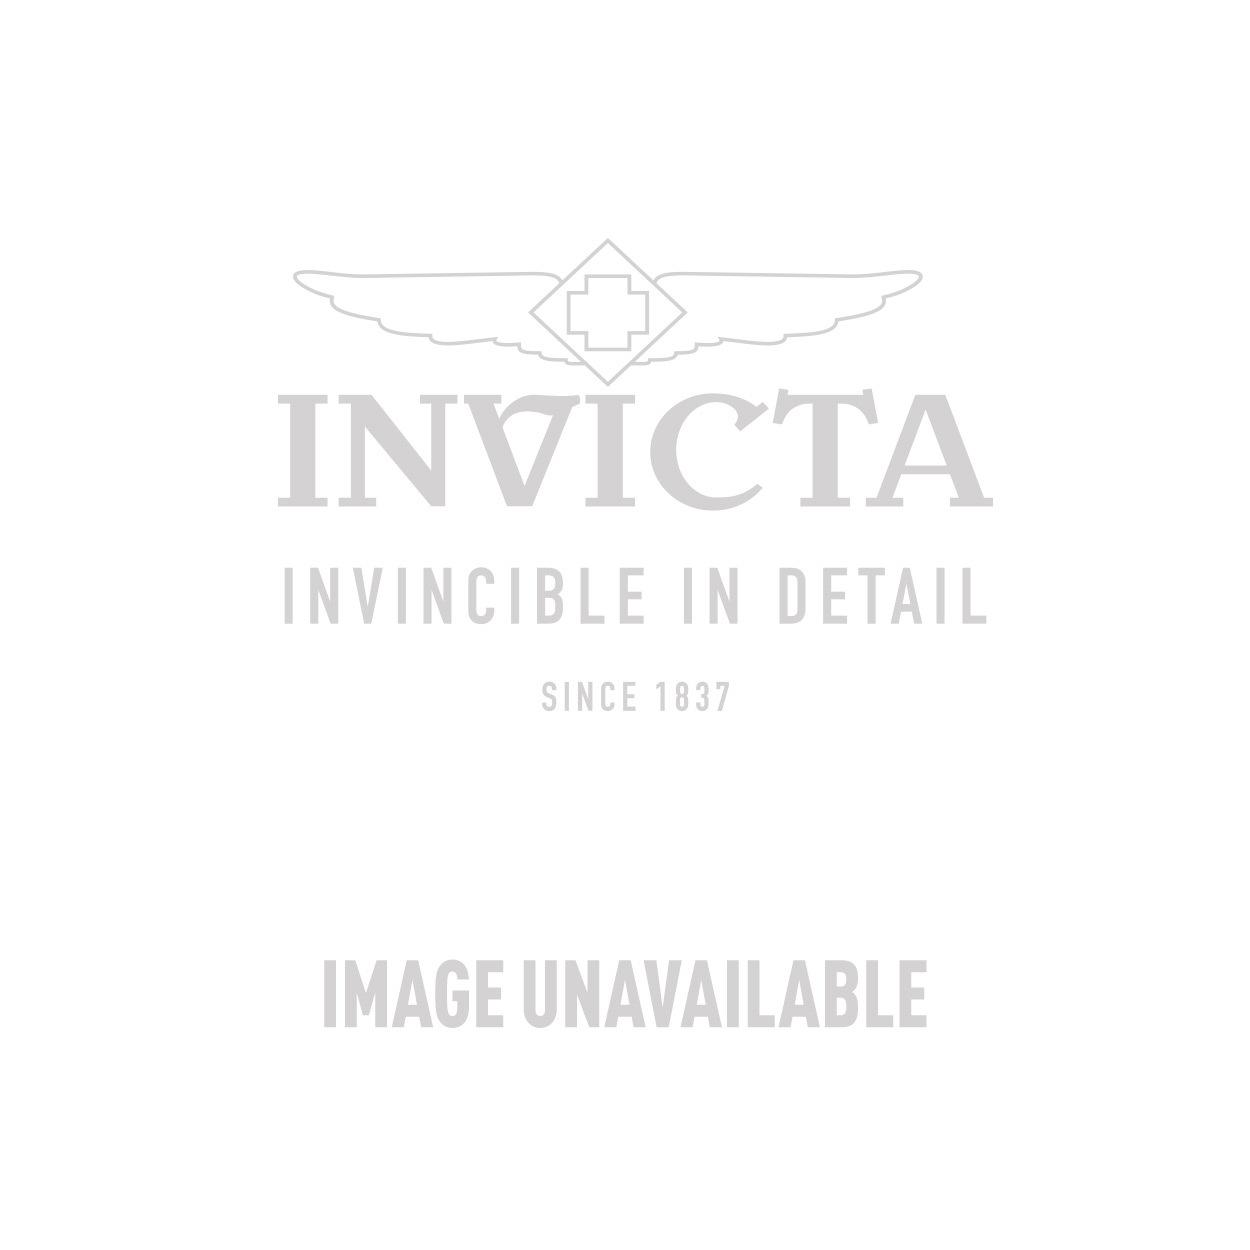 Invicta Model 27409